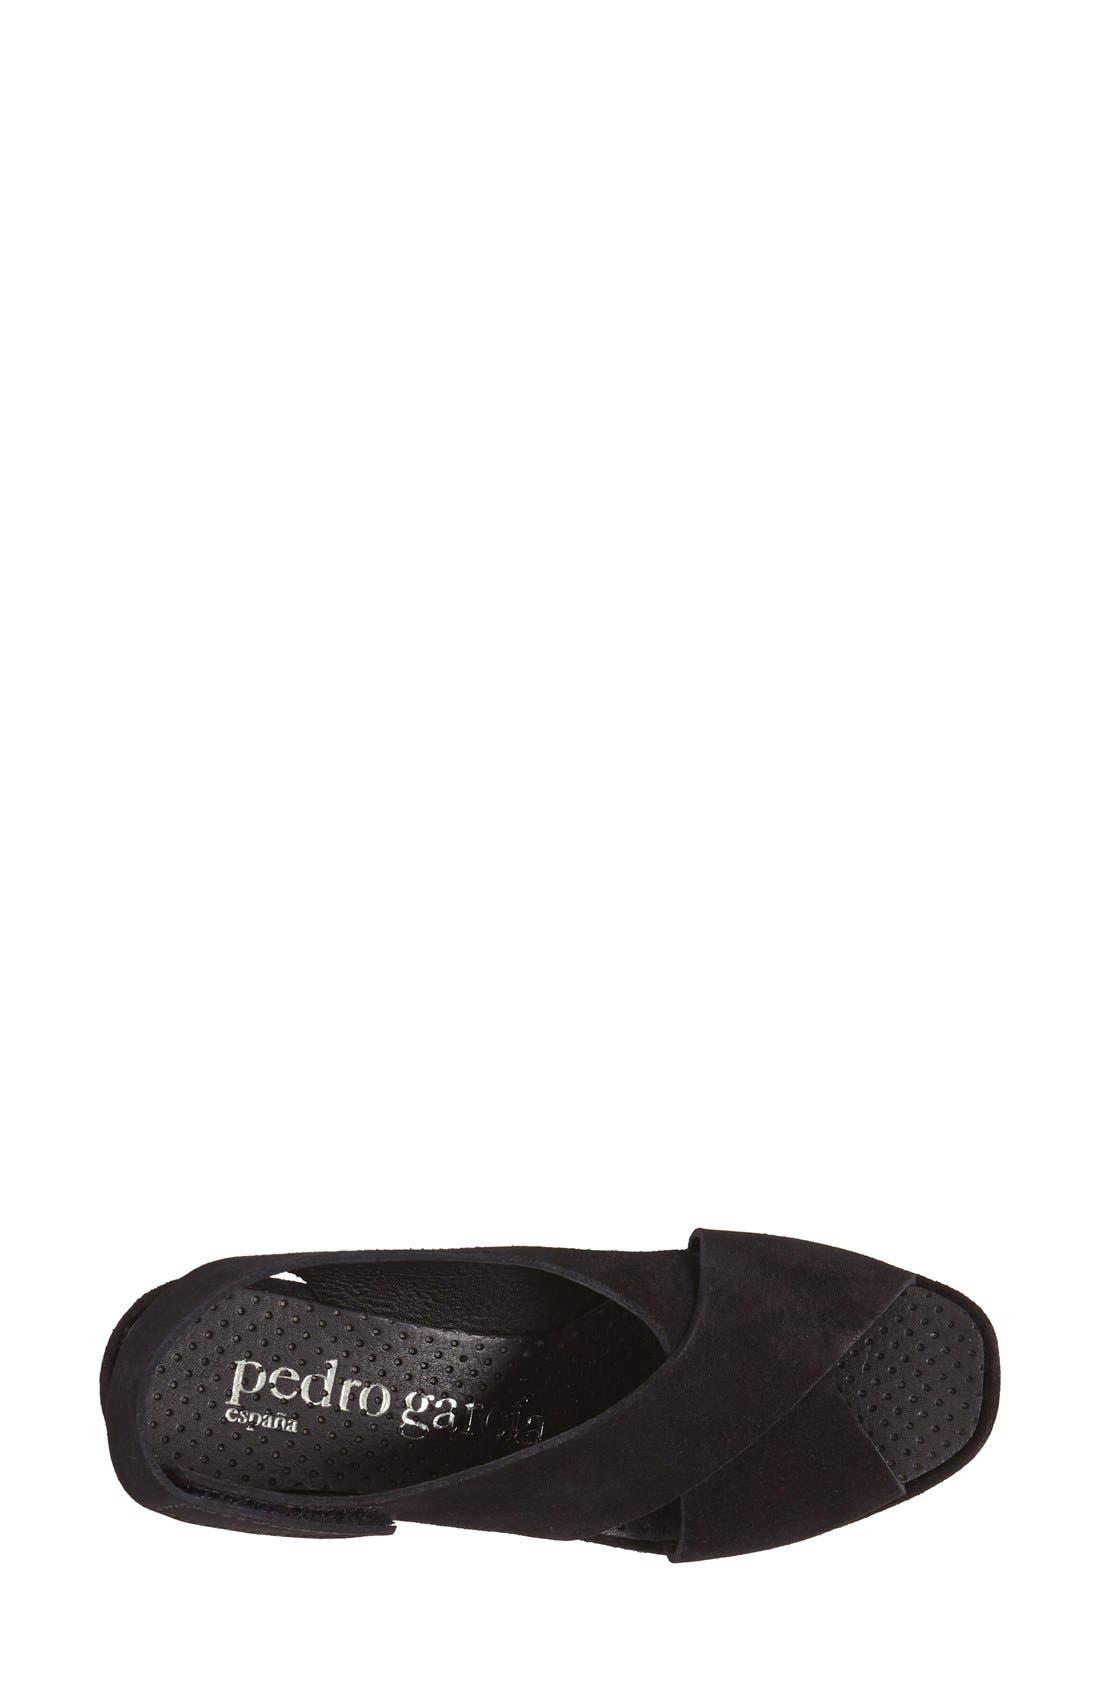 'Federica' Wedge Sandal,                             Alternate thumbnail 11, color,